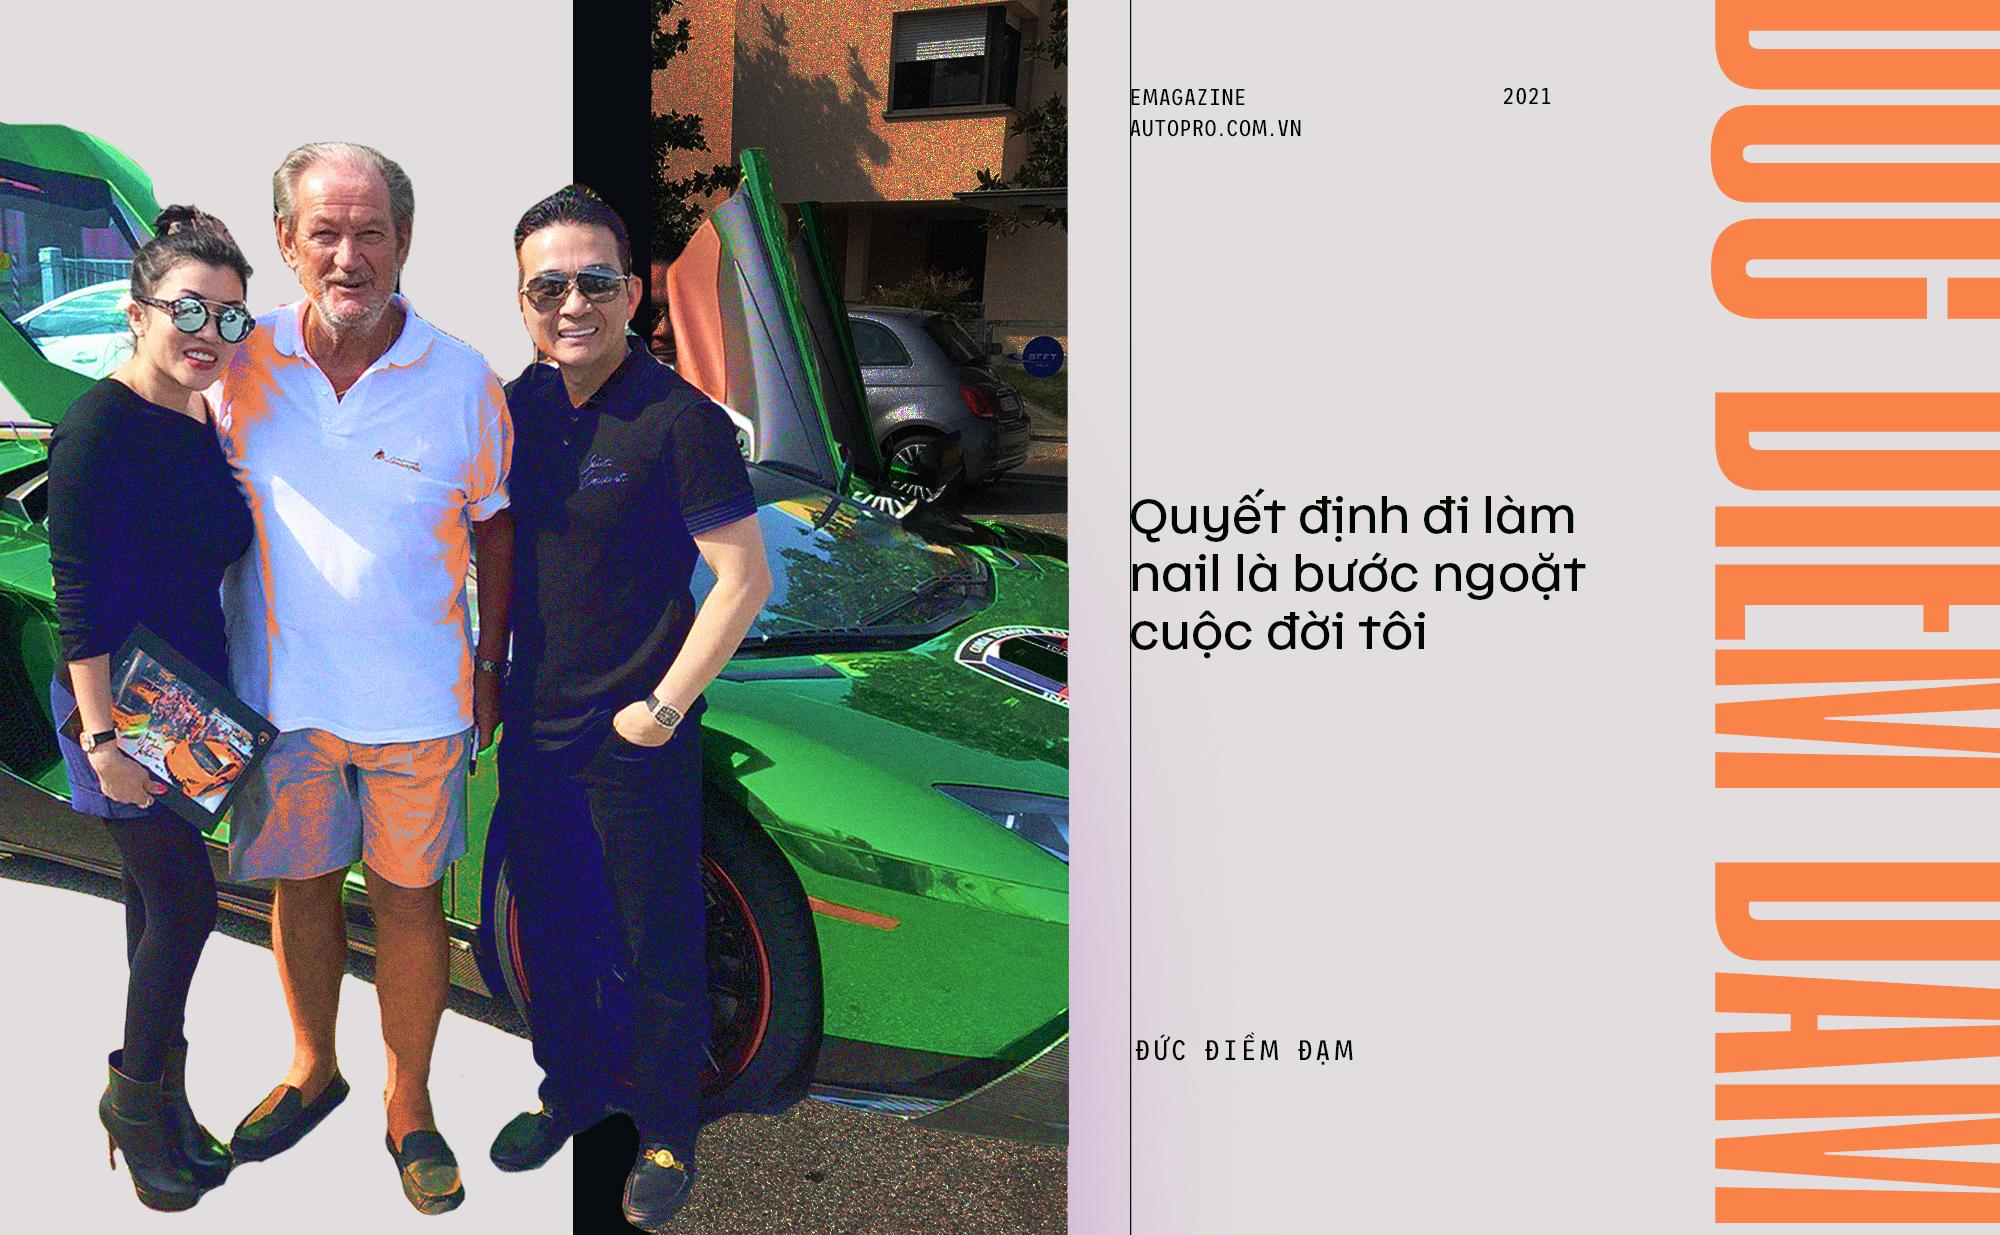 Đức Điềm Đạm: Từ lau dọn 3 USD/giờ tới sở hữu dàn xe 1,5 triệu USD, hé lộ hành trình siêu xe ở Việt Nam - Ảnh 12.